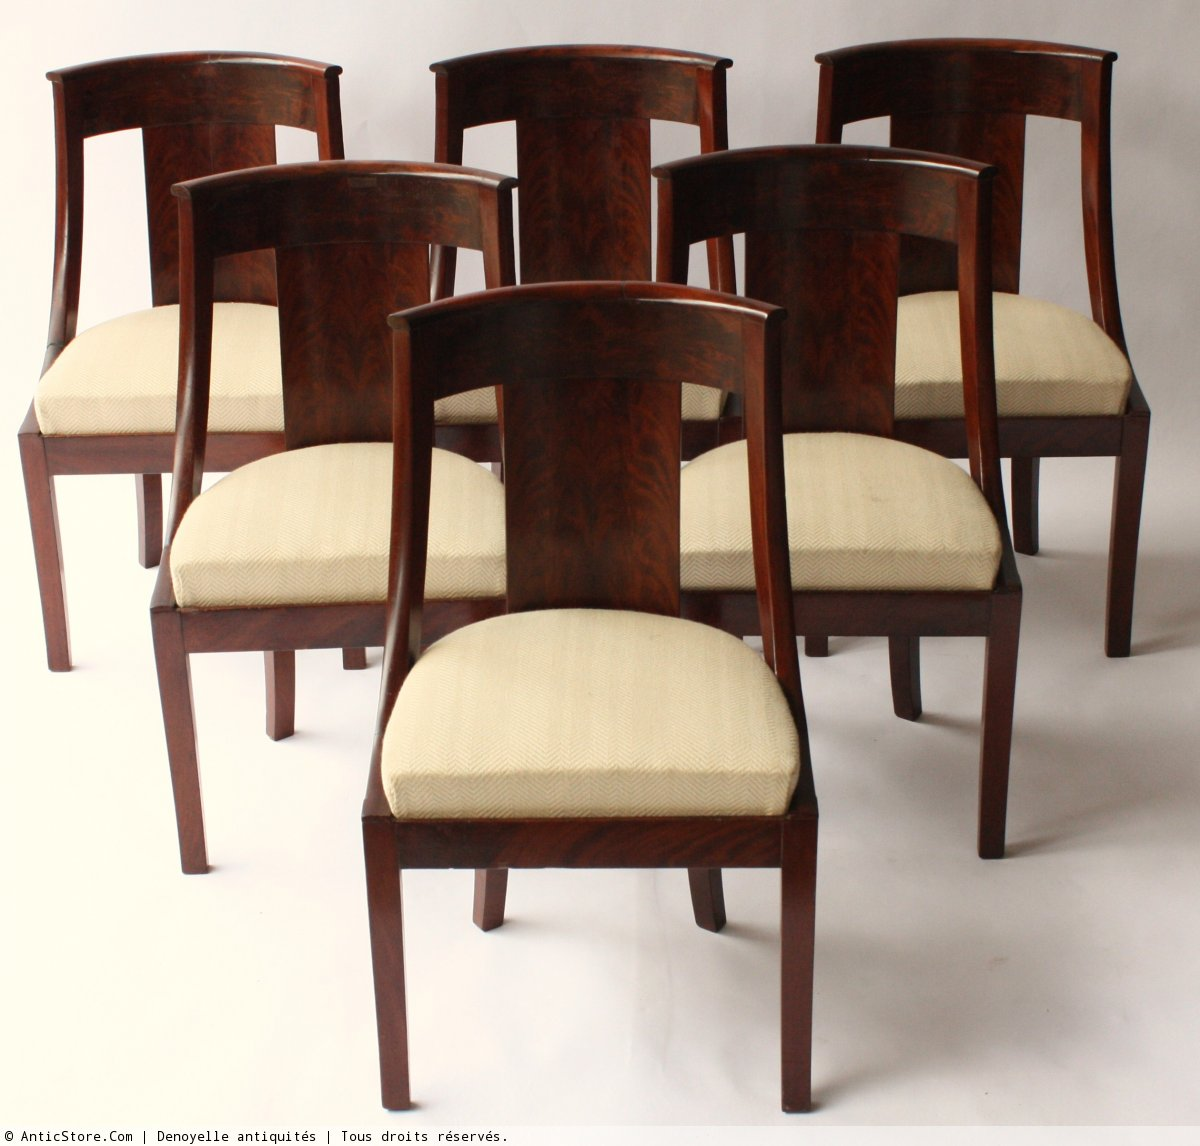 chaise xixe siècle - antiquités et objets d'art d'époque | anticstore - Chaise De Restaurant D Occasion